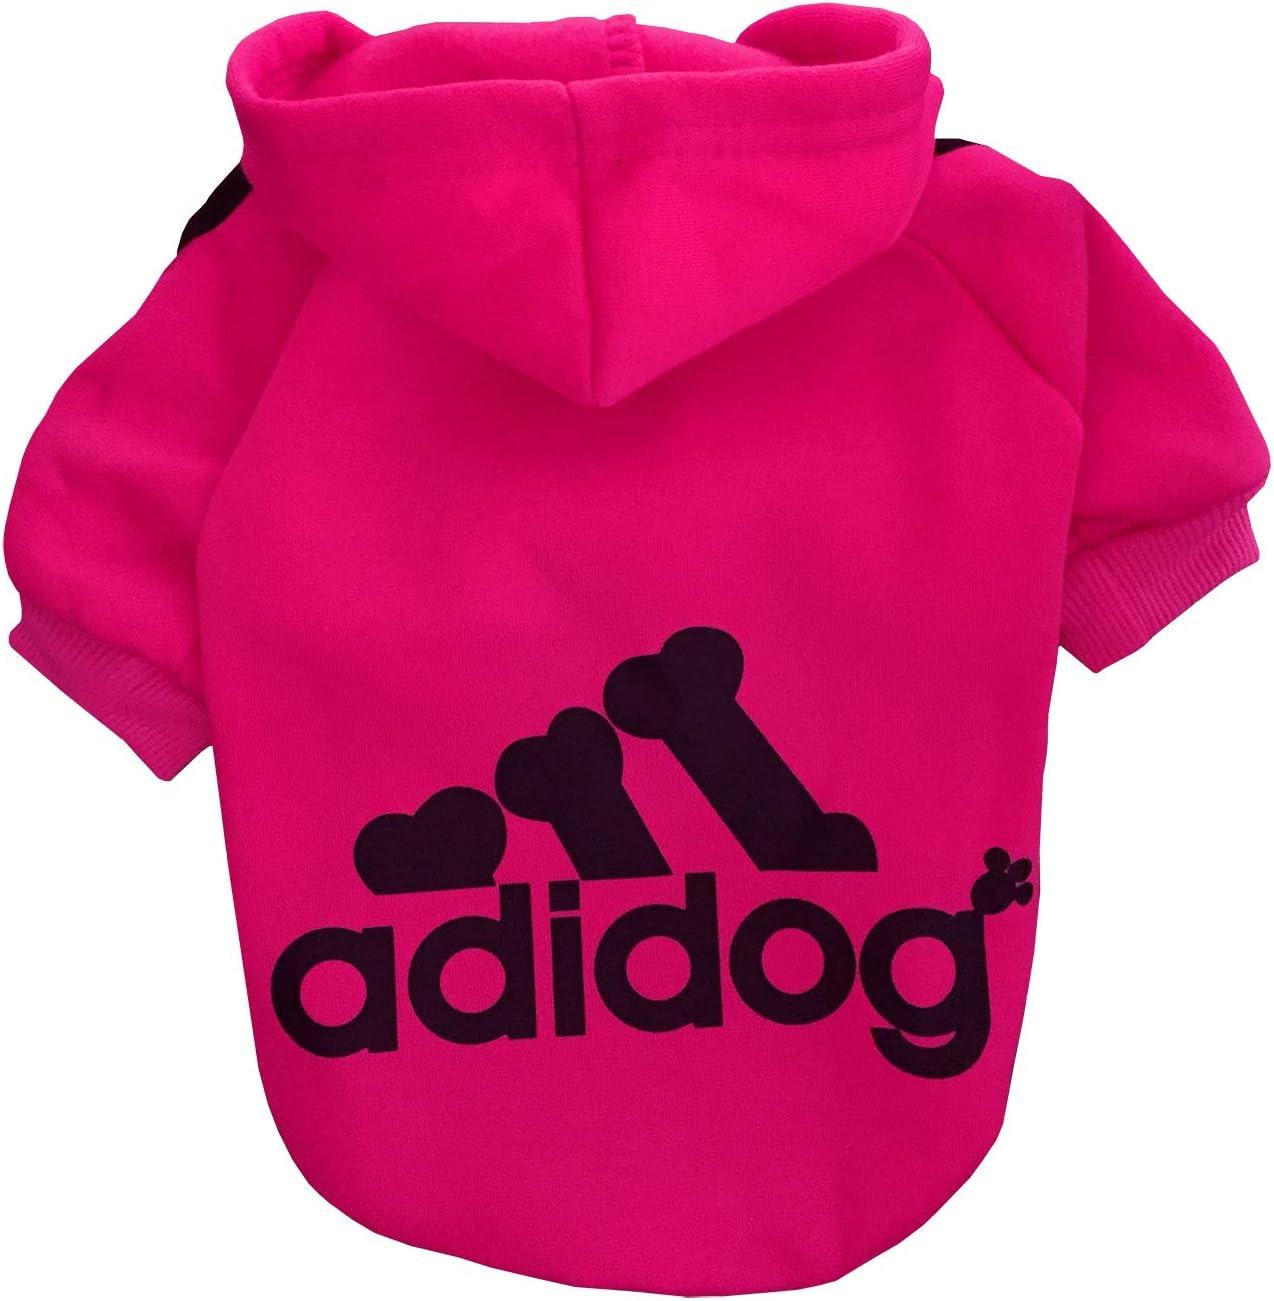 Rdc Pet Adidog Ropa para Perros Sudaderas con Capucha para Perros Suéter cálido de Lana Chaqueta de algodón Camisa Abrigo para Perro pequeño Gato (Carmín,M): Amazon.es: Productos para mascotas